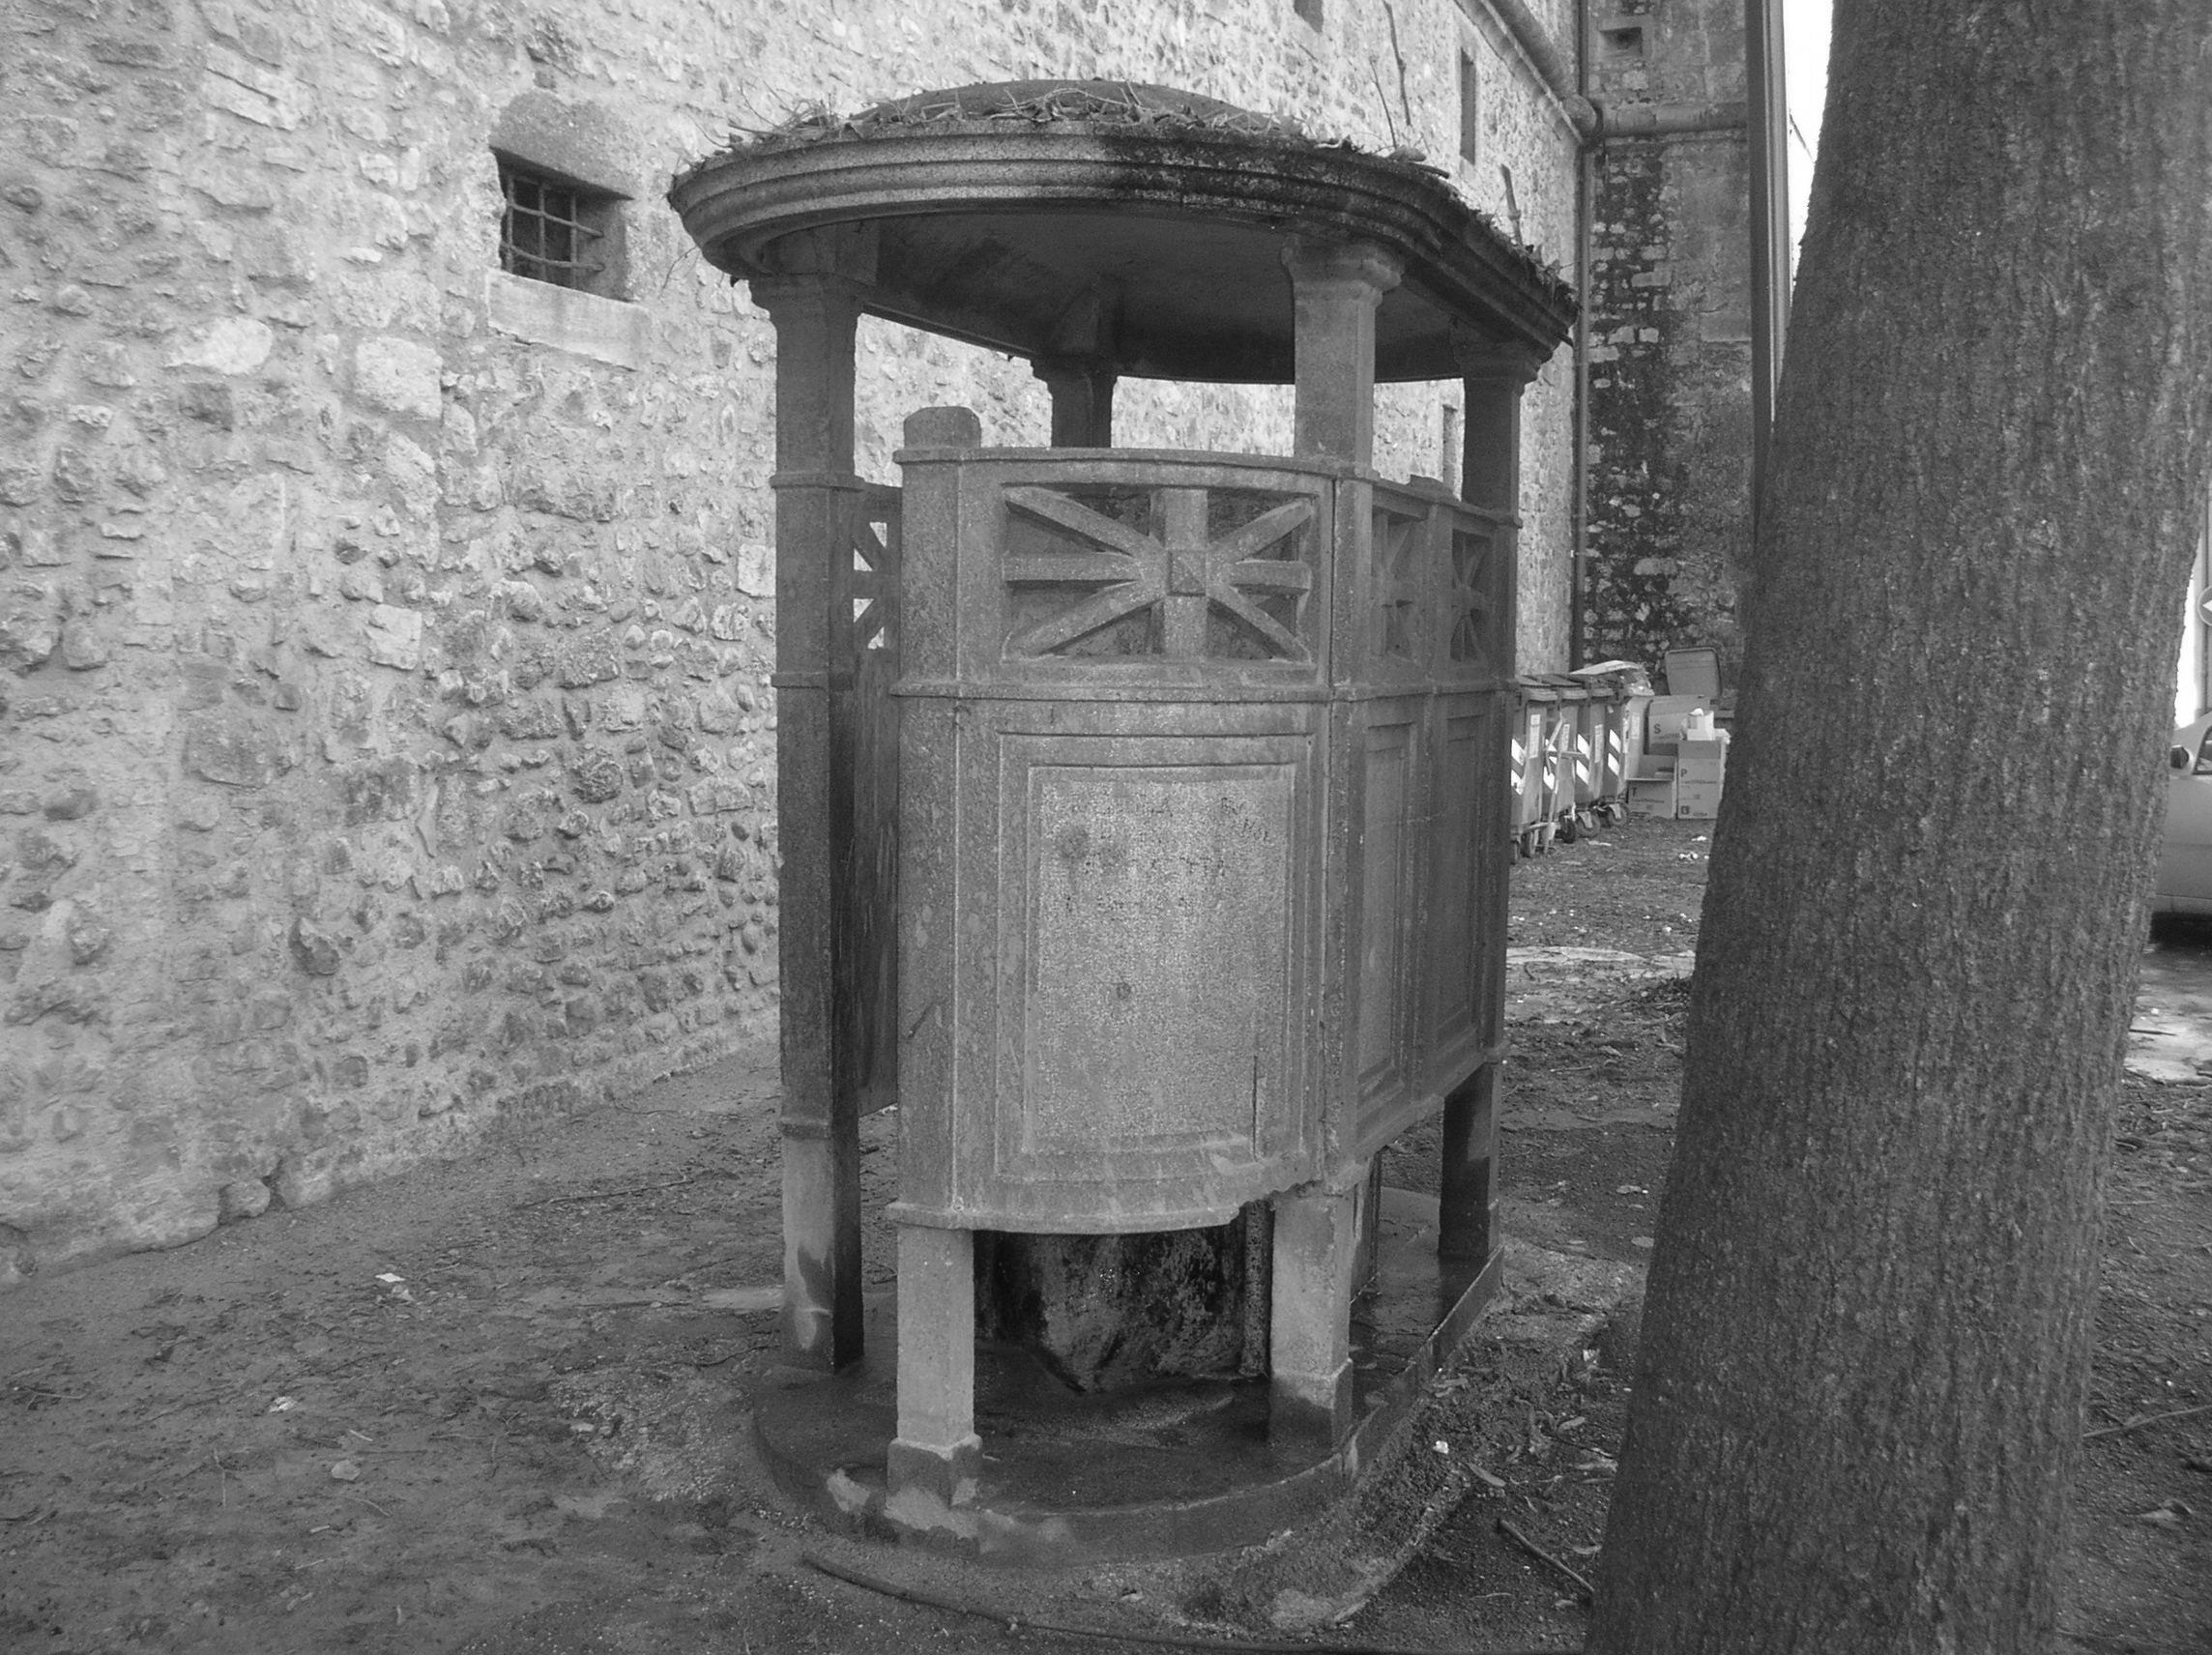 Aaa vespasiano vendesi solo per veri amatori liberamente - Vespasiano bagno ...